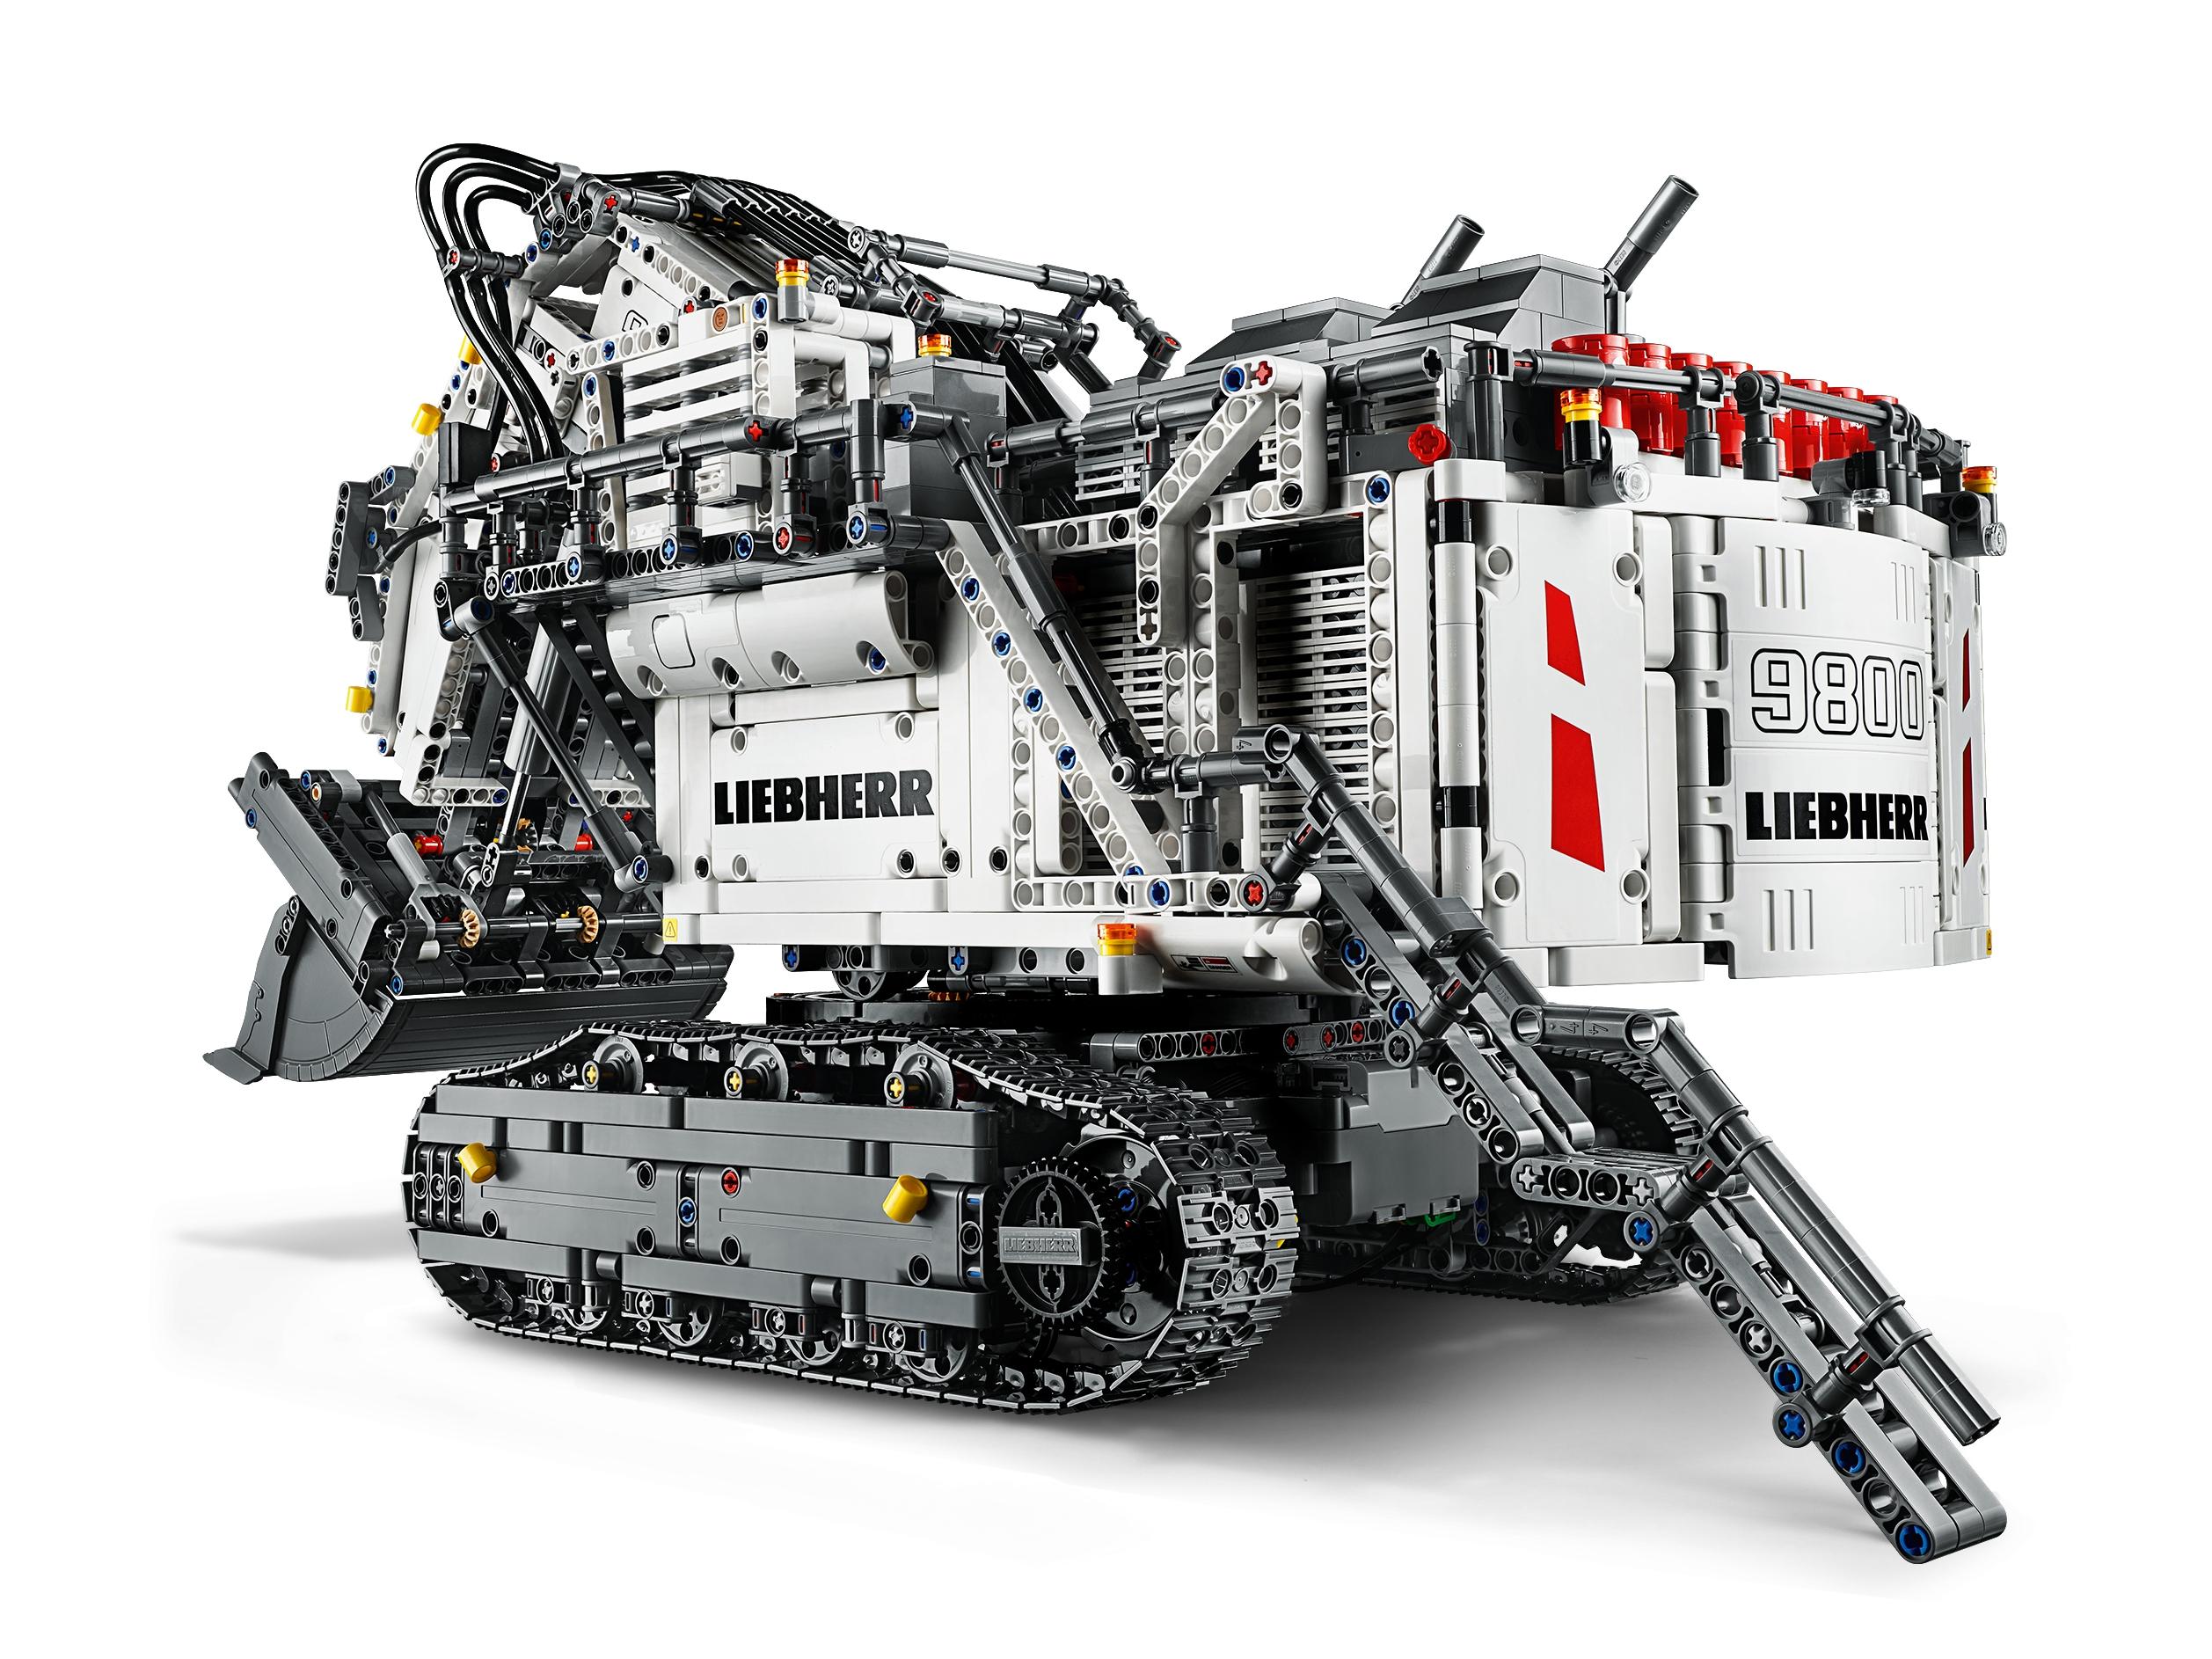 liebherr bagger r 9800 lego